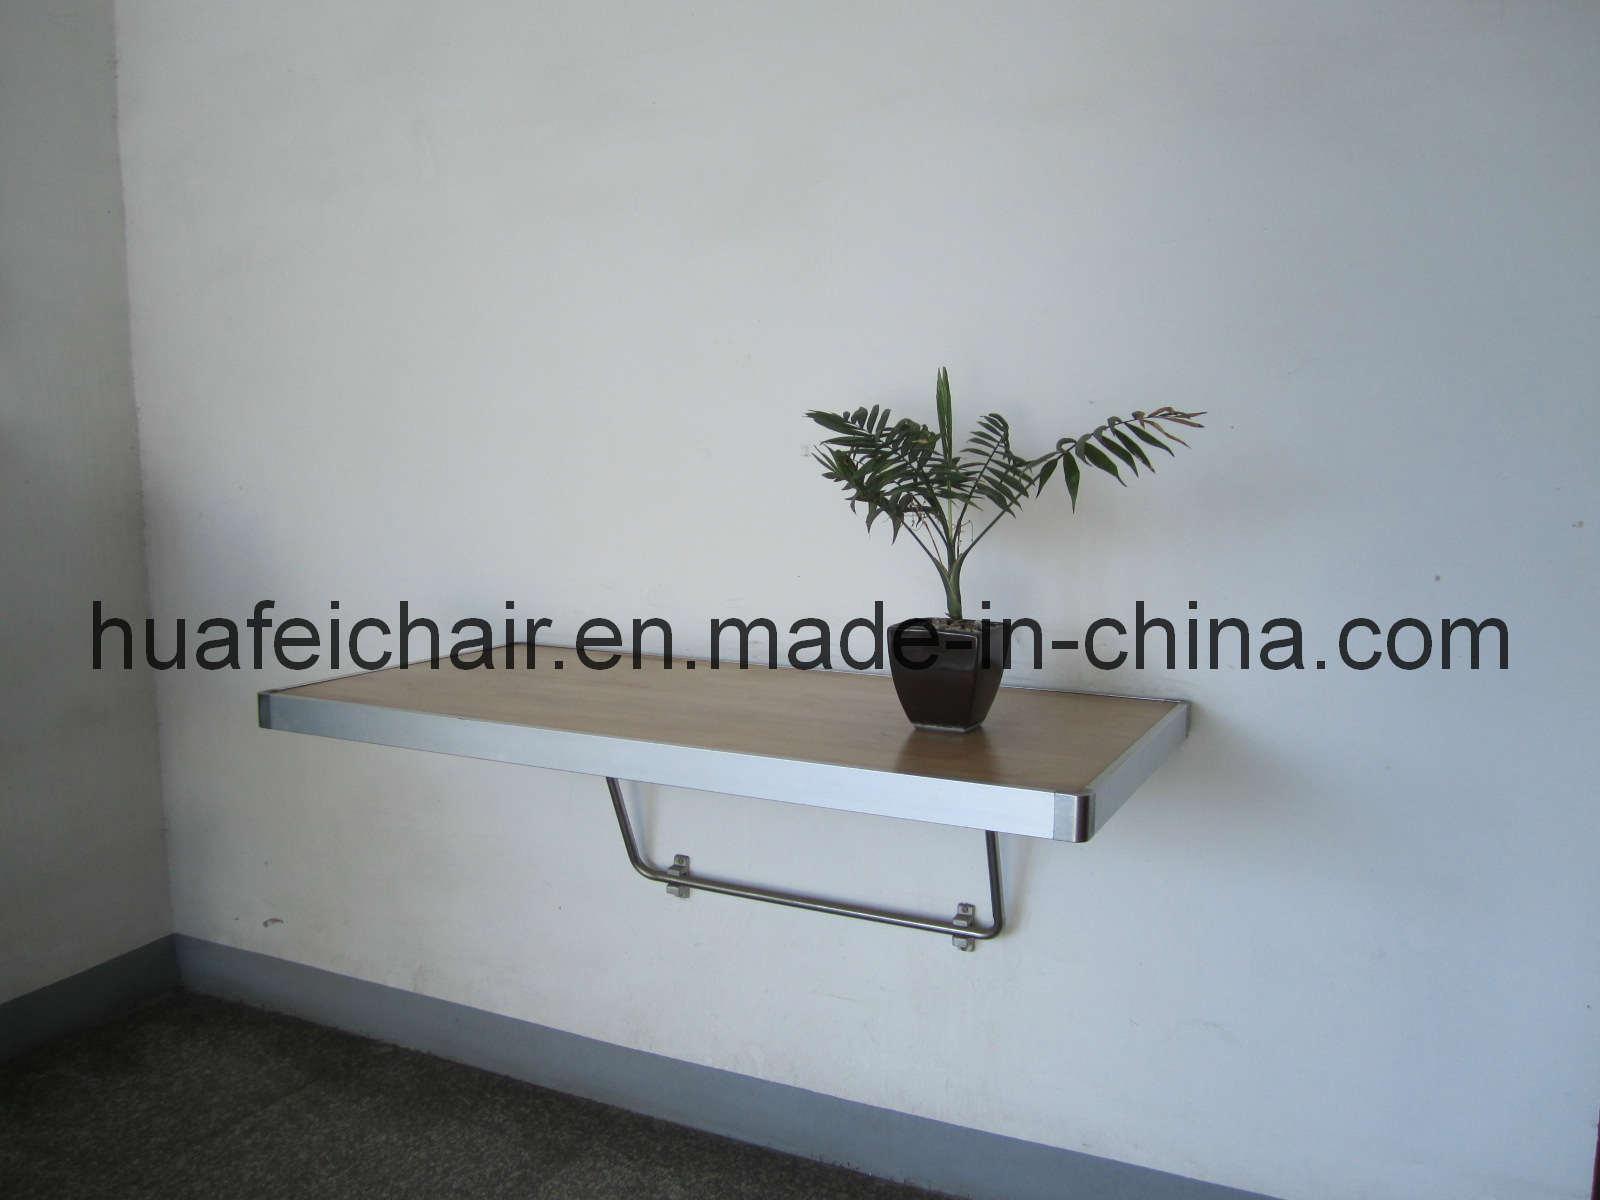 Mesa manual da parede –Mesa manual da parede fornecido por Taizhou  #576674 1600x1200 Acessorios Banheiro China